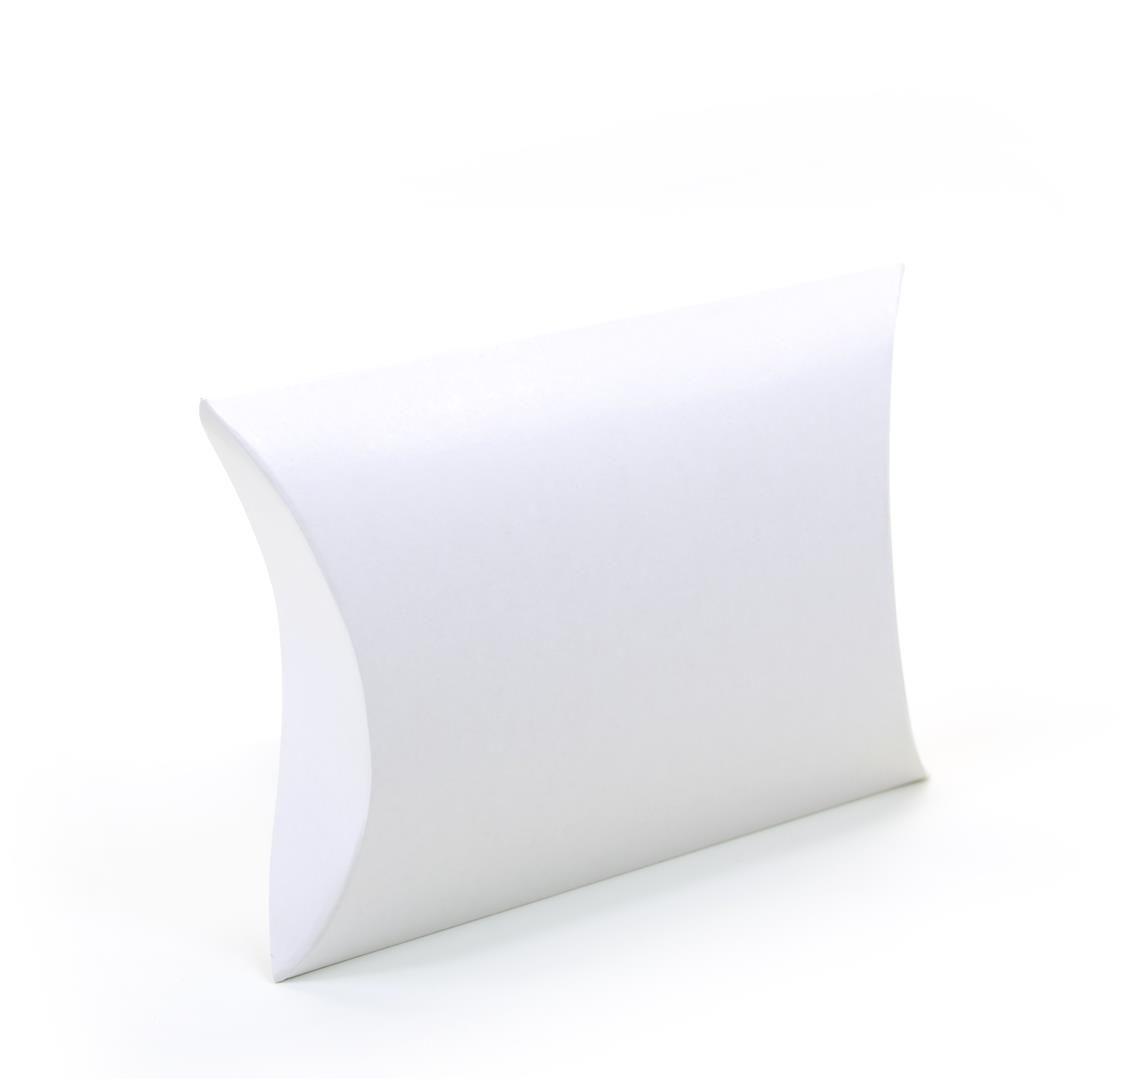 Ref 044 Branca - Bivar - 14,5x15x4 cm - c/ 10 unidades